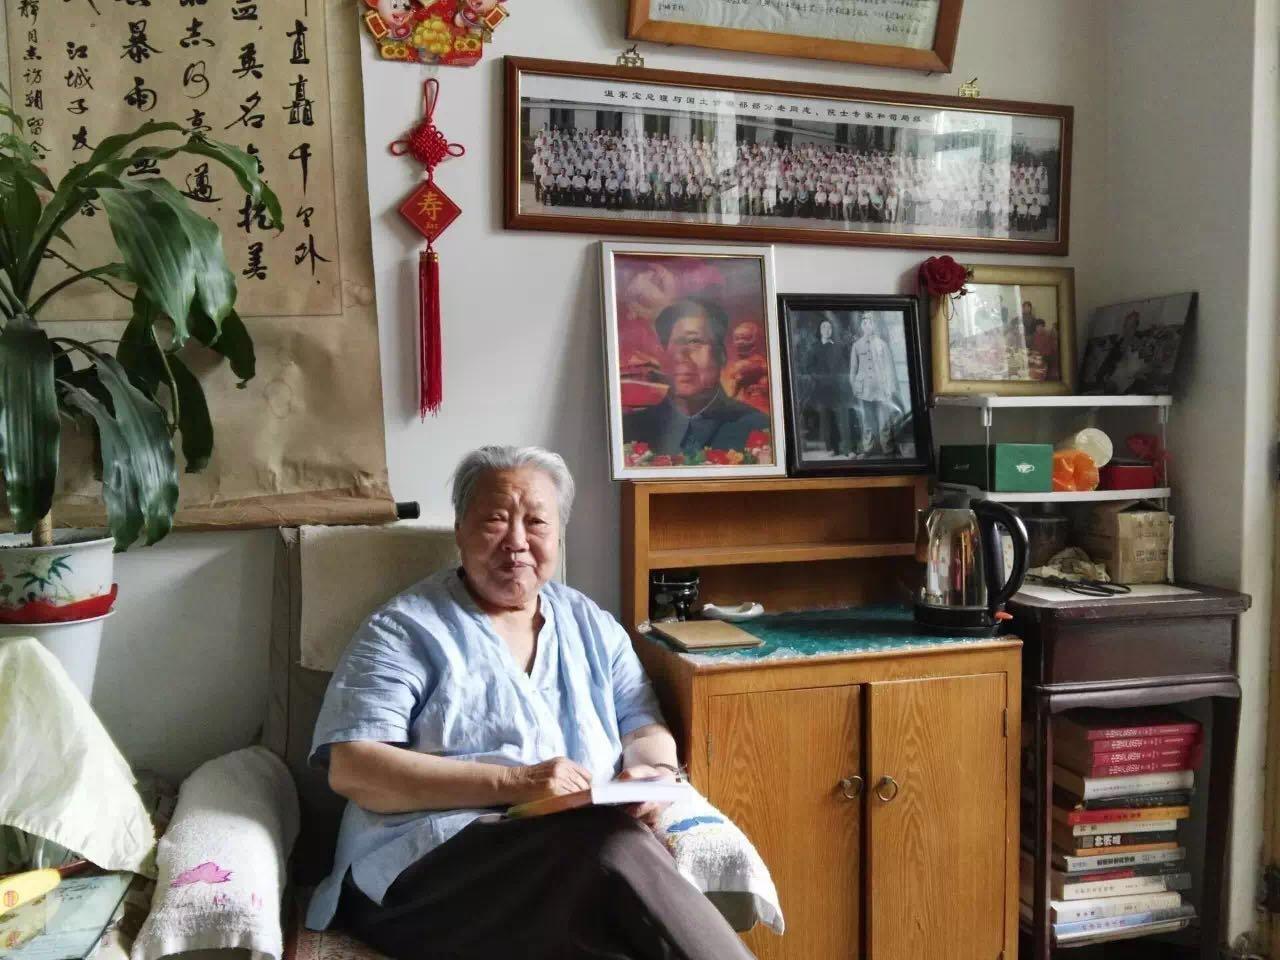 朝鲜战场上志愿军牺牲的最高指挥官李湘军长遗孀安淑静逝世